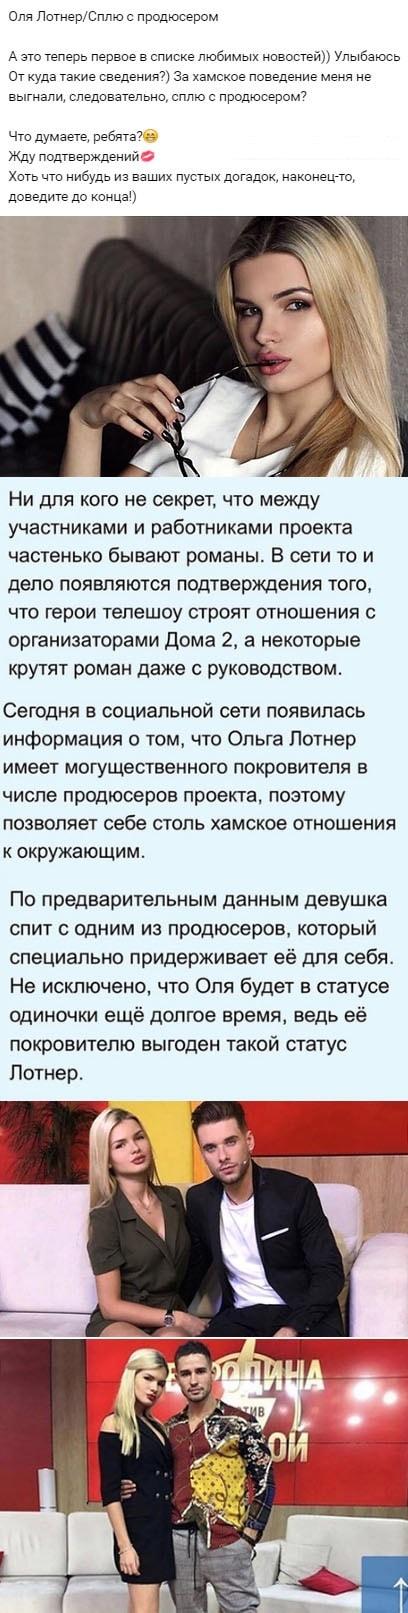 Ольгу Лотнер спалили в интиме с продюсером Дома-2